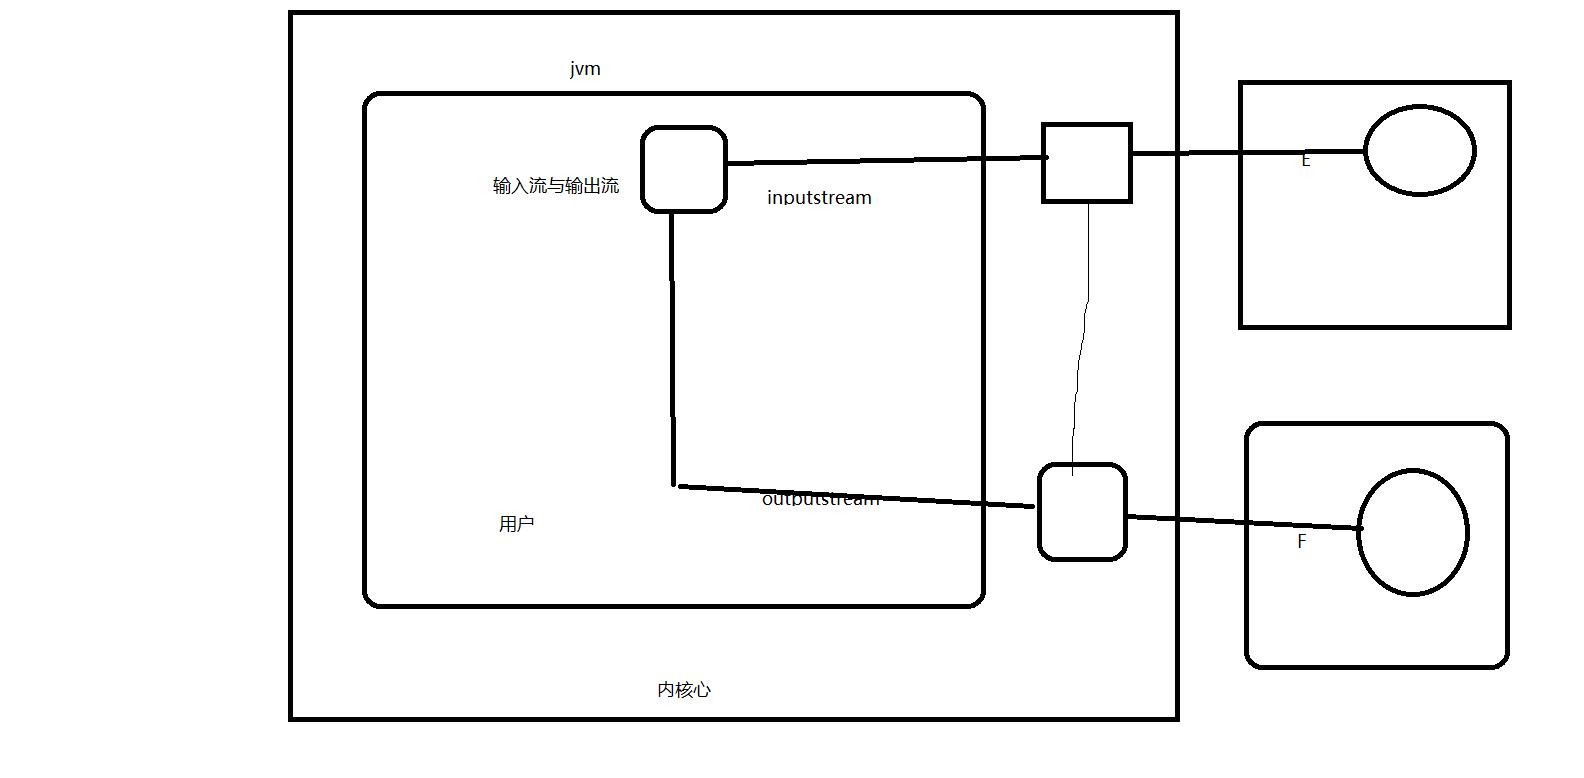 传统JVM文件的读写.png